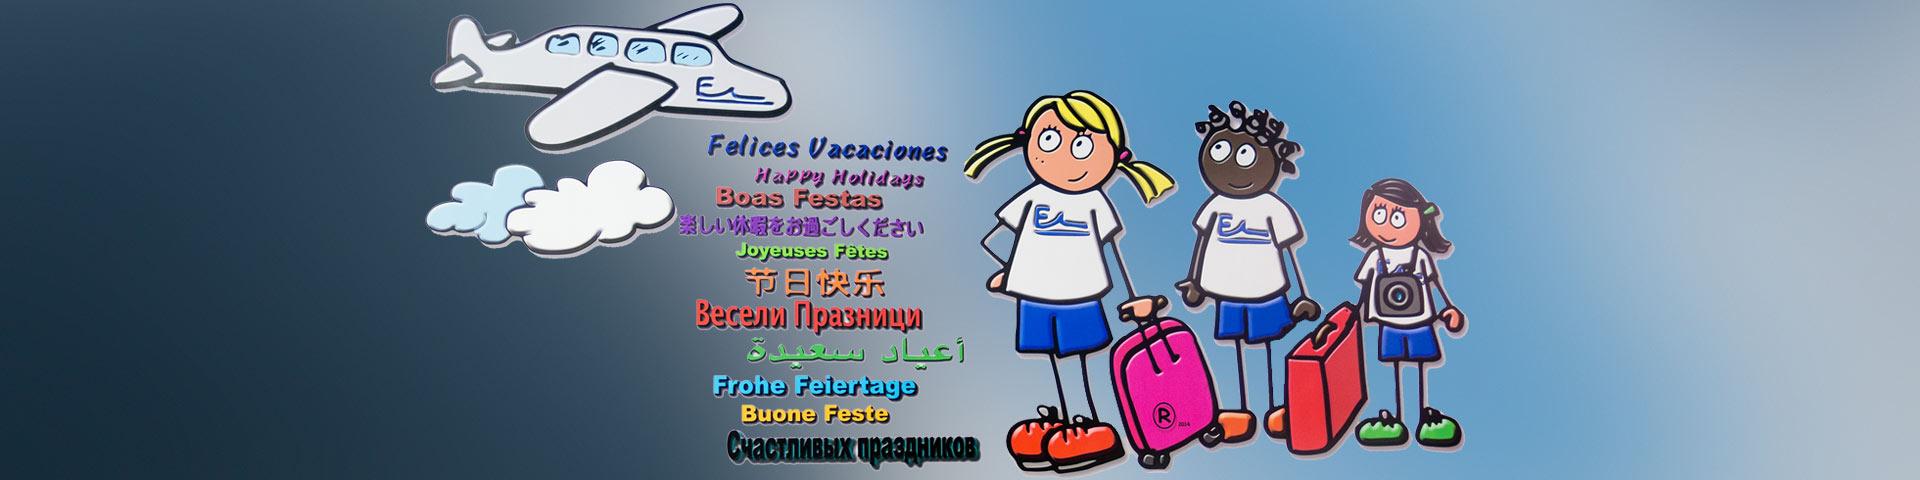 felices-vacaciones-colegioecheyde-1